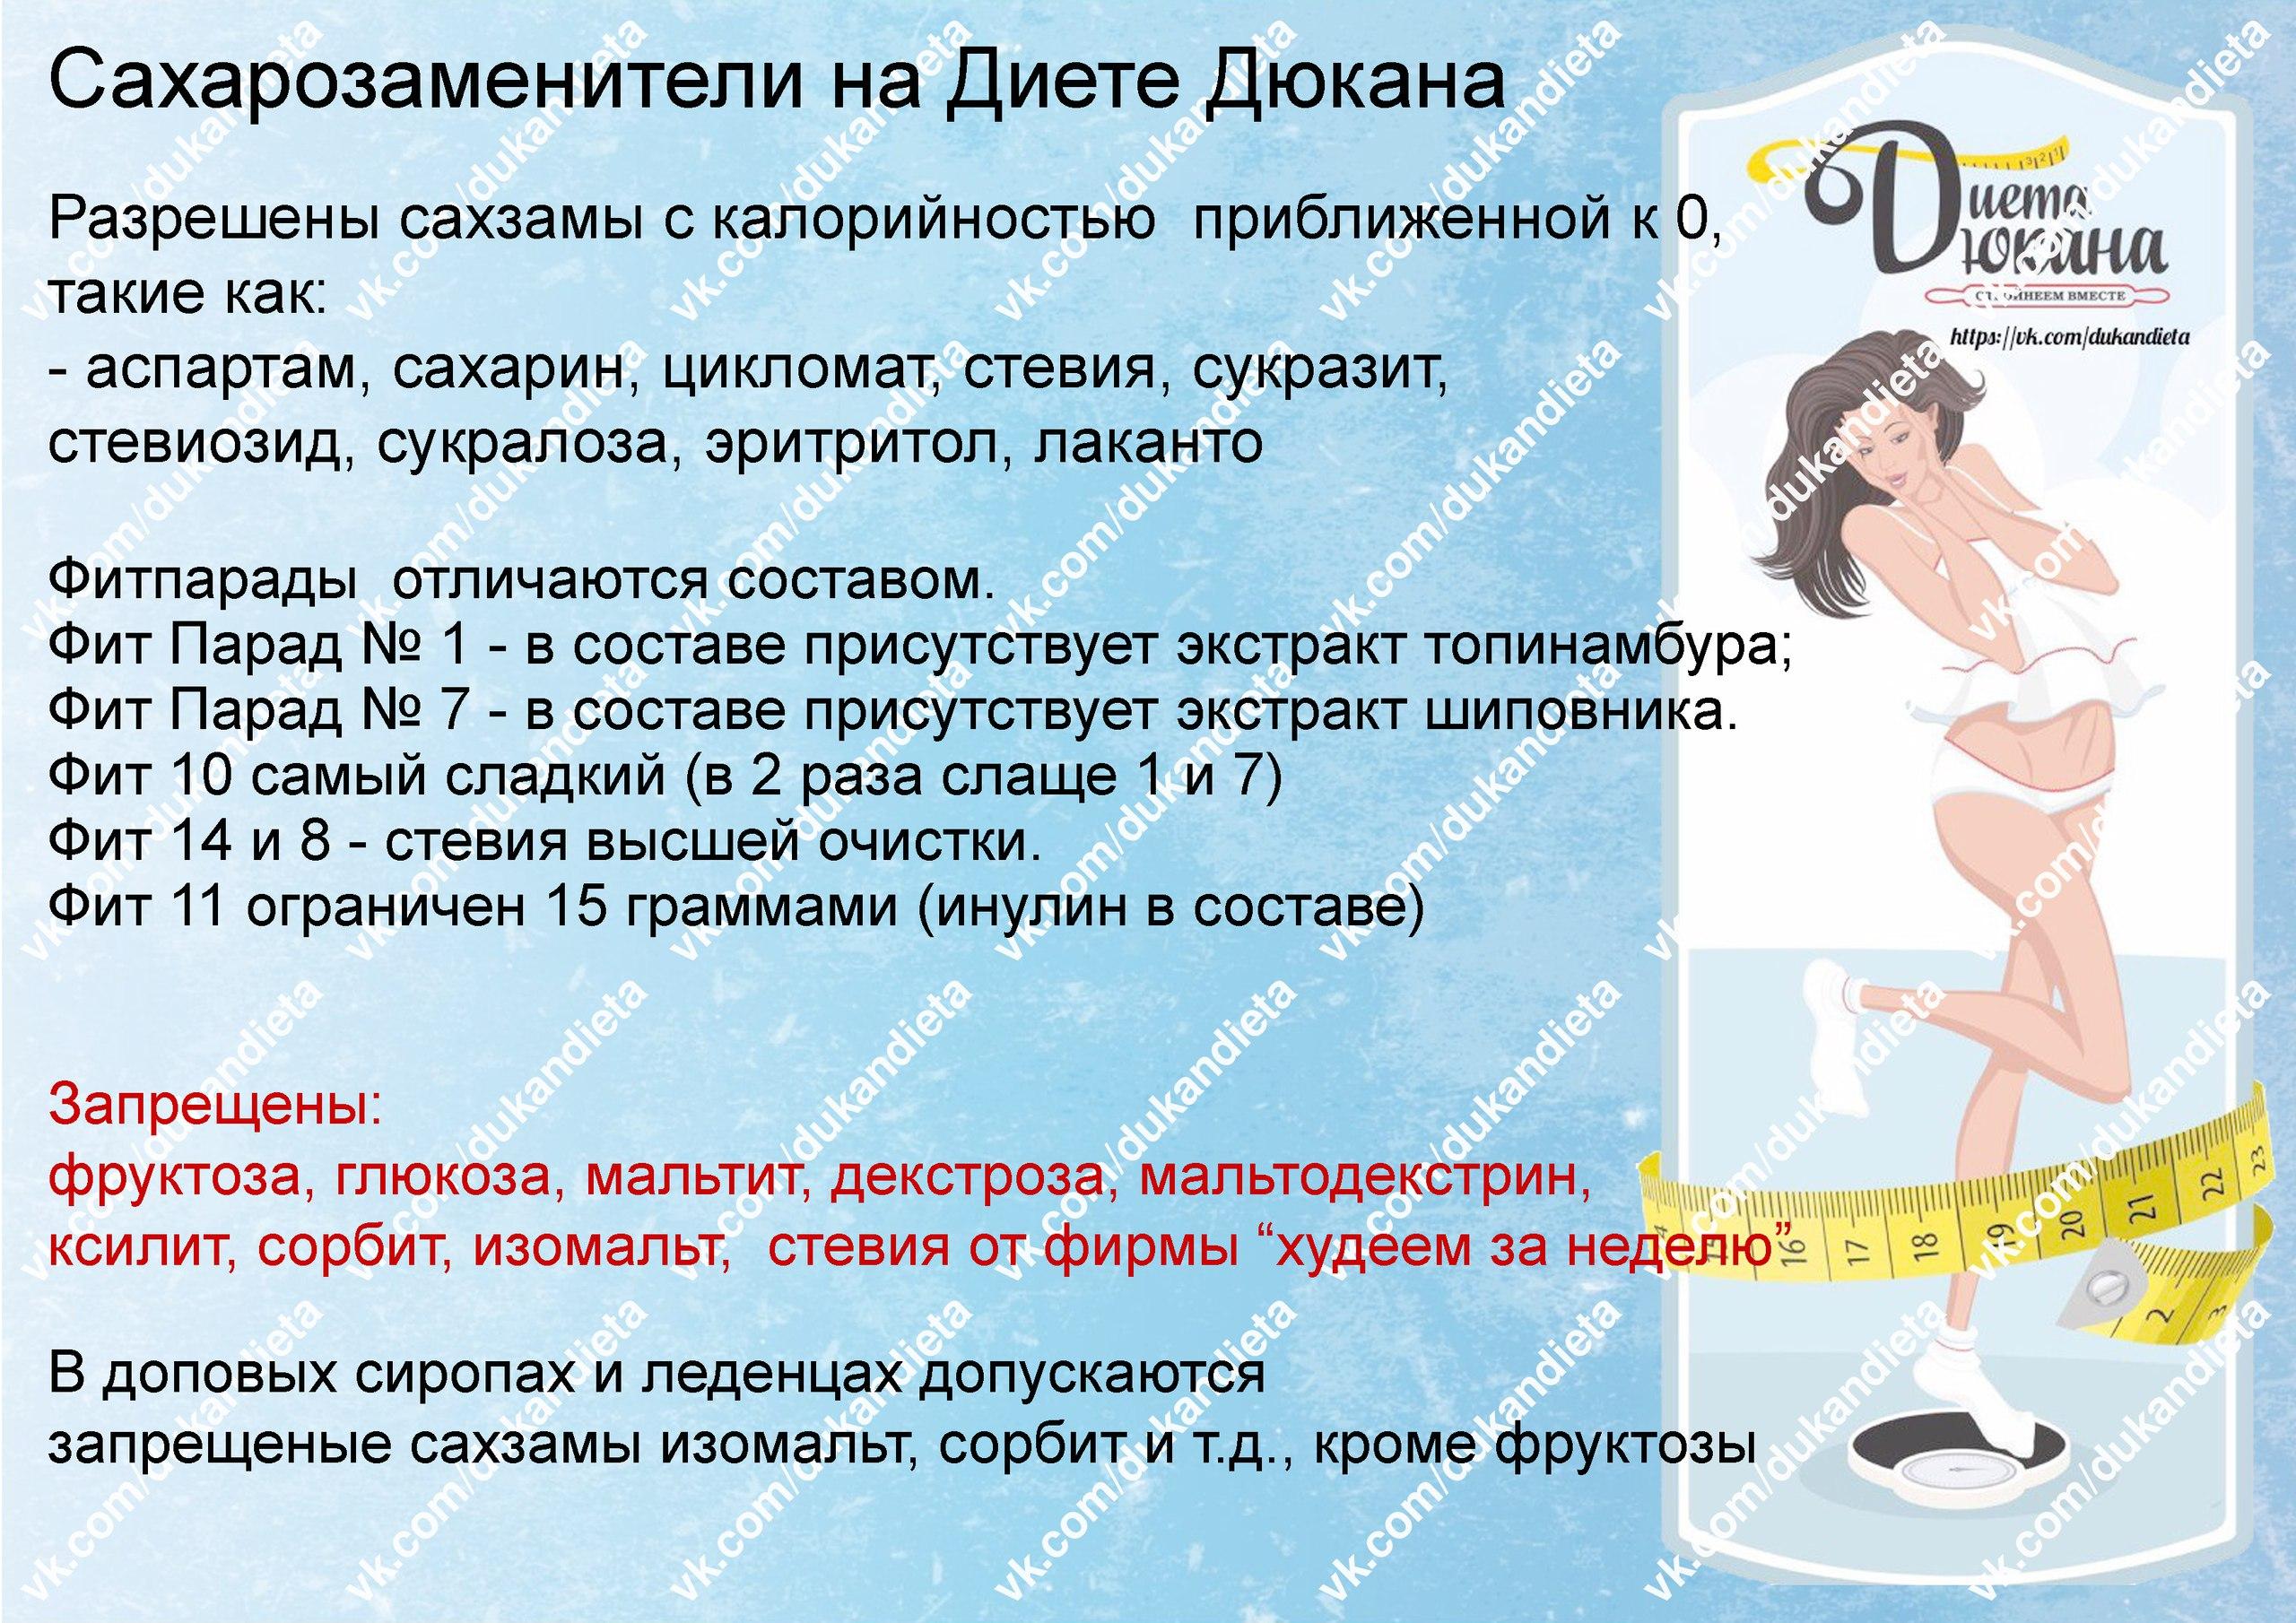 Какой Лучше Сахарозаменитель При Диете Дюкана. Сахарозаменители на диете Дюкана: синтетика и натуральные.